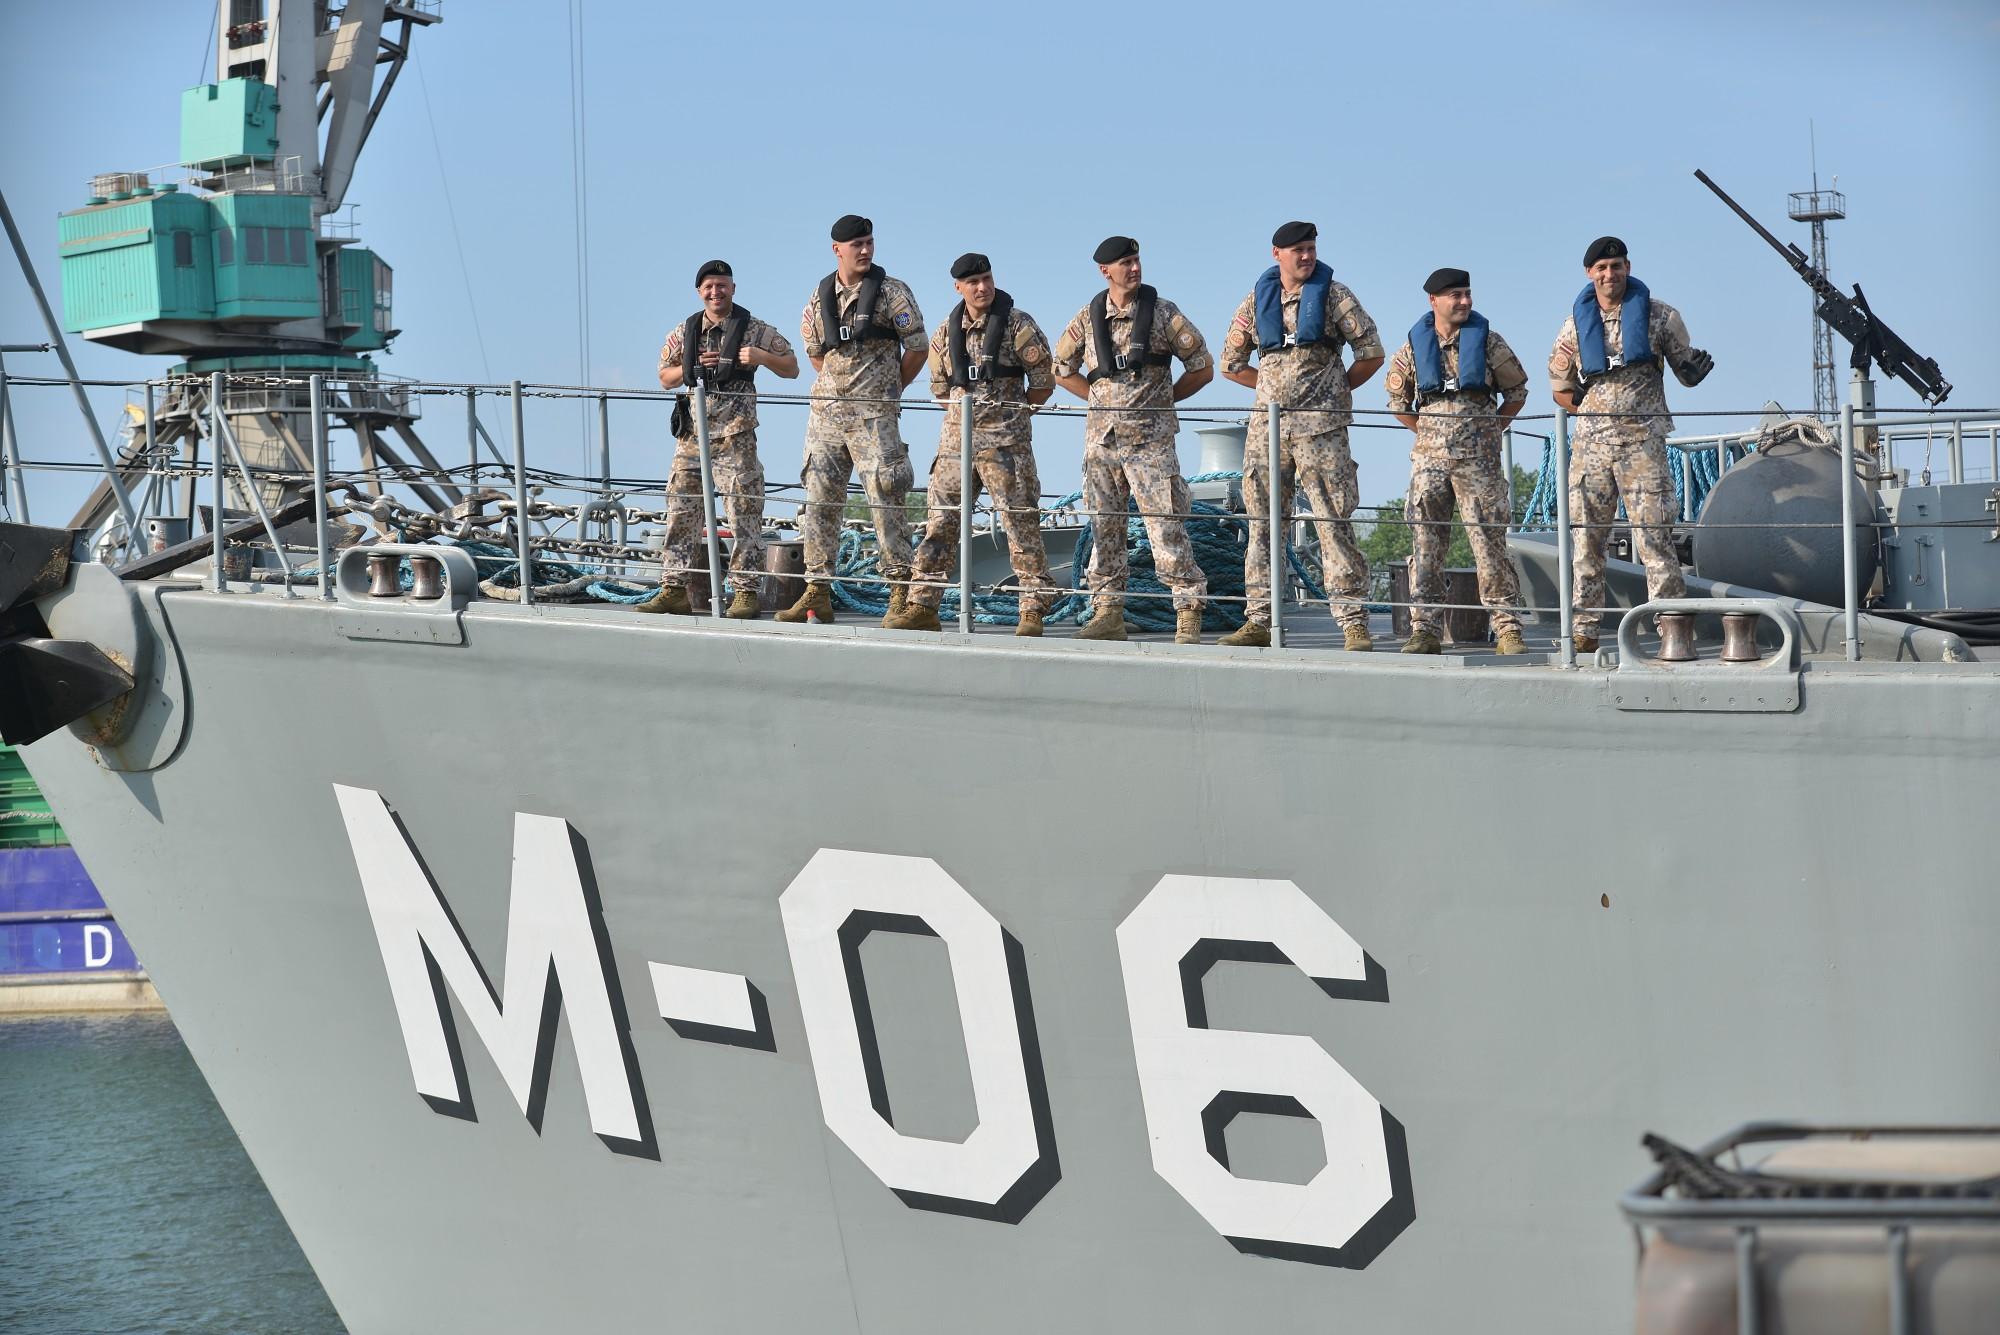 Jūras spēku karavīri dodas vairāk nekā četrus mēnešus ilgā misijā